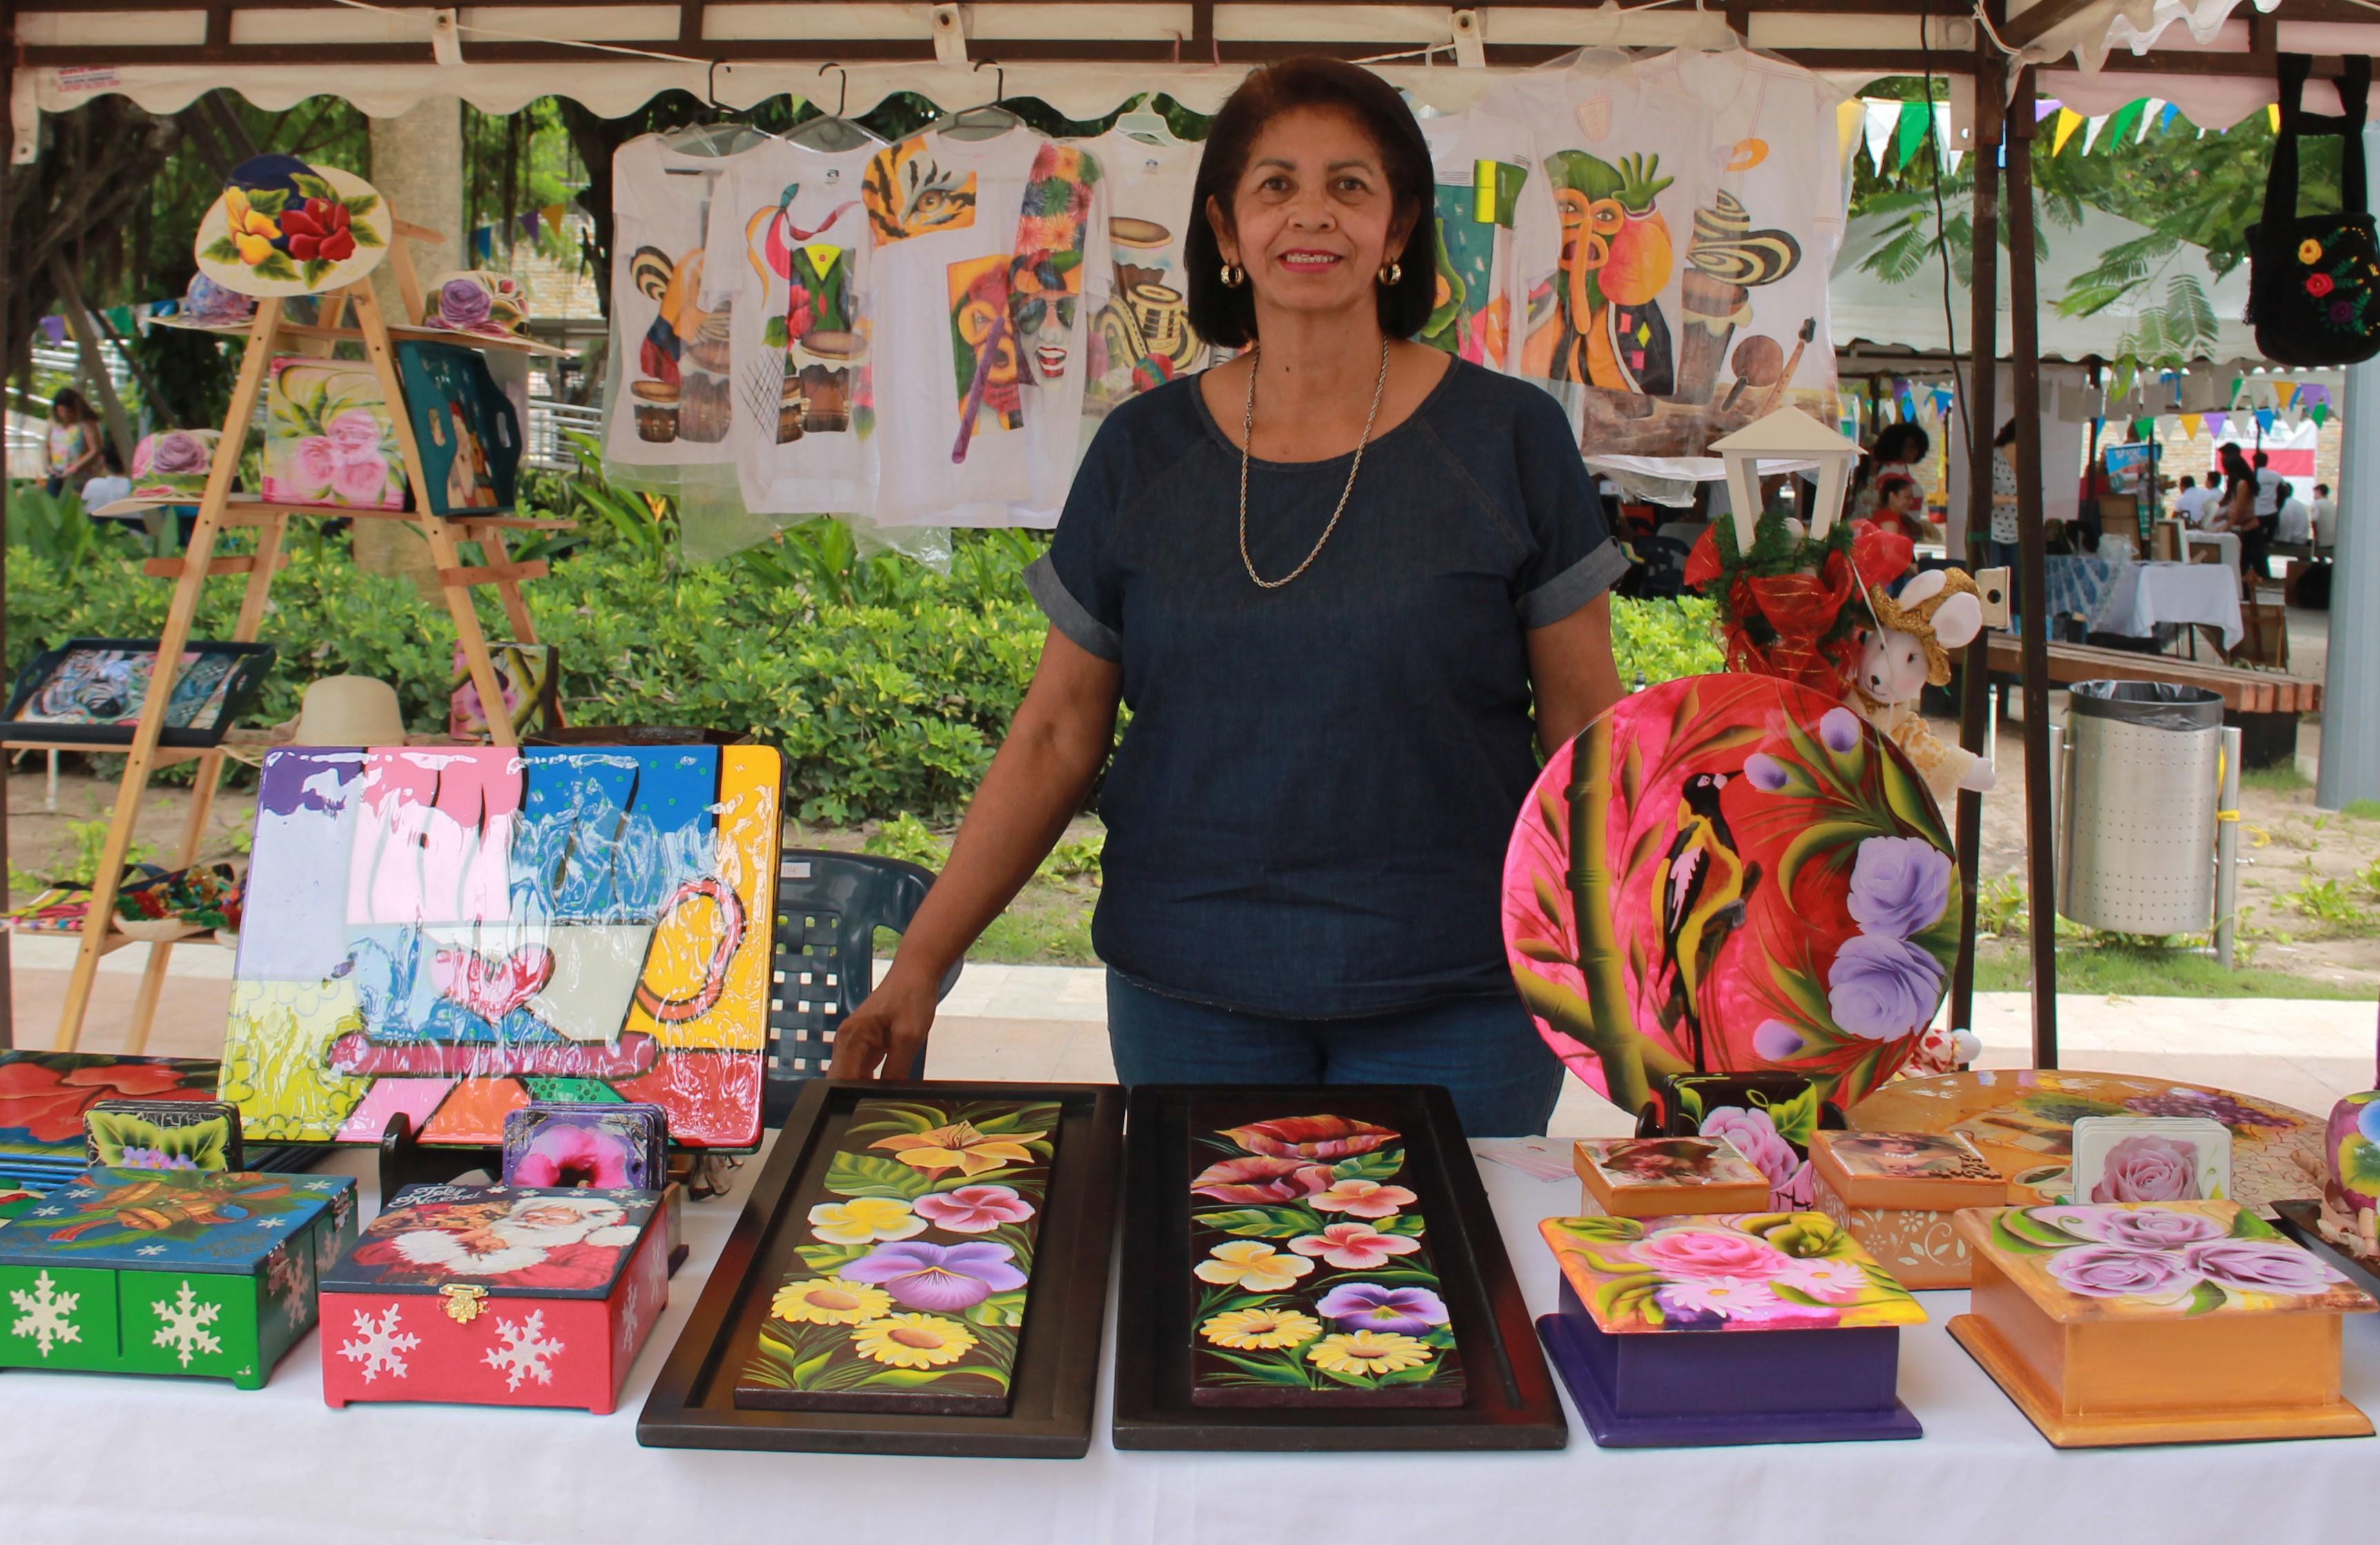 Vuelve feria de emprendimiento cultural el jard n m gico a for El jardin magico